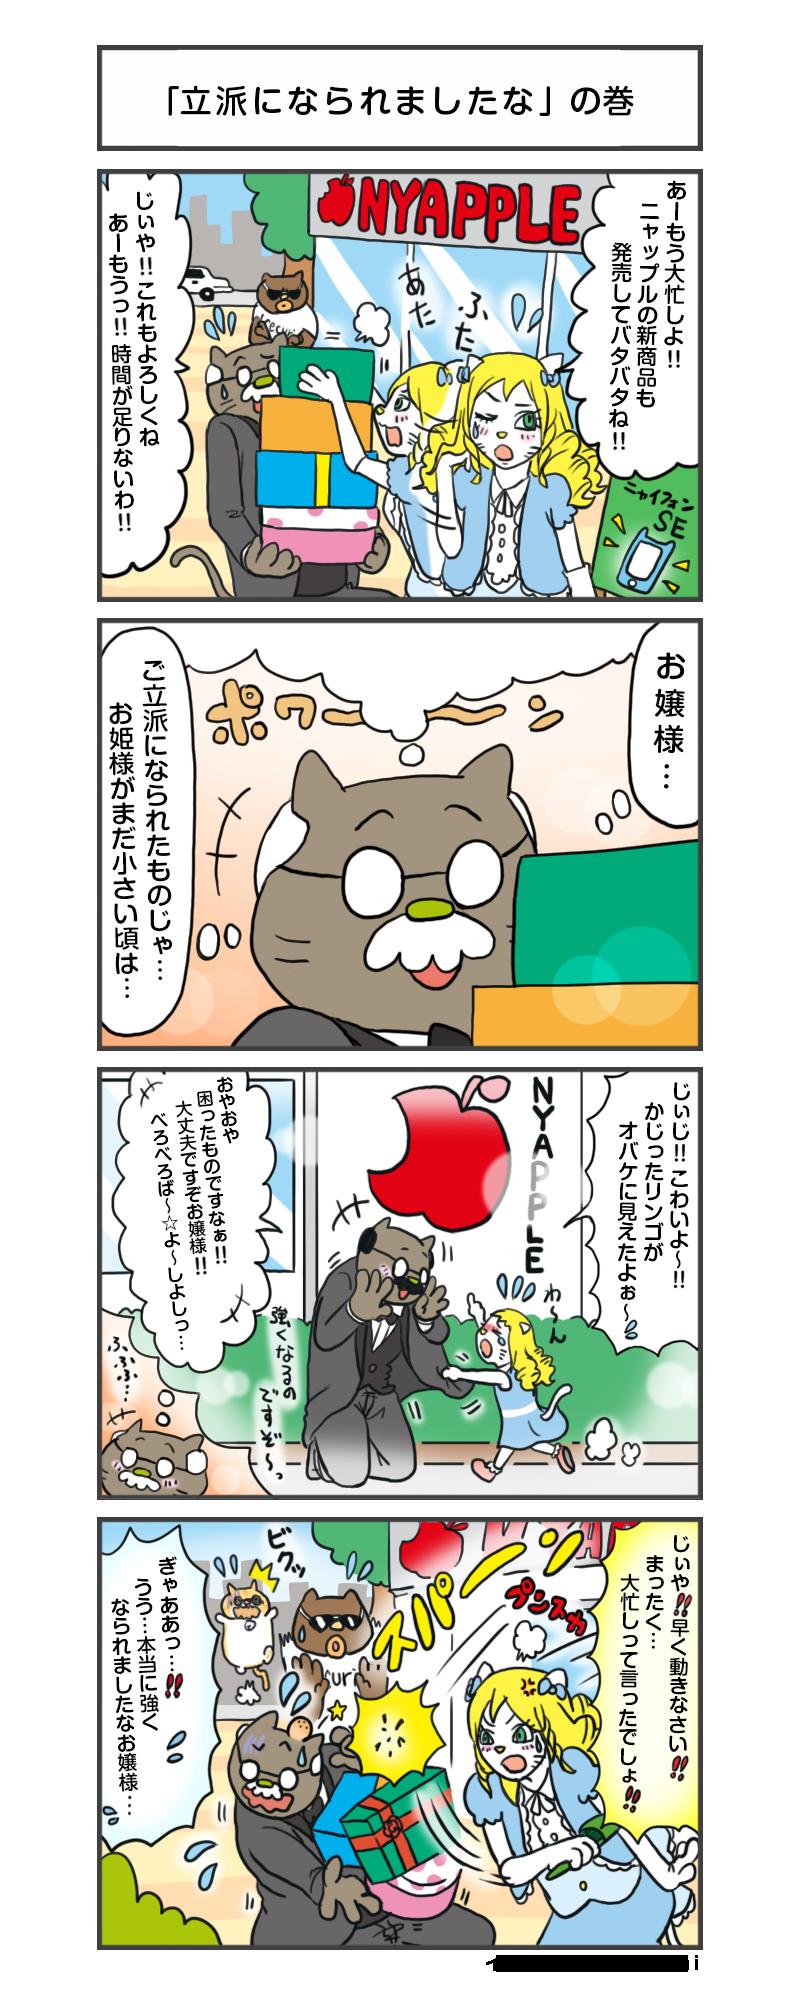 縺医″縺昴y縺・anga_vol.37